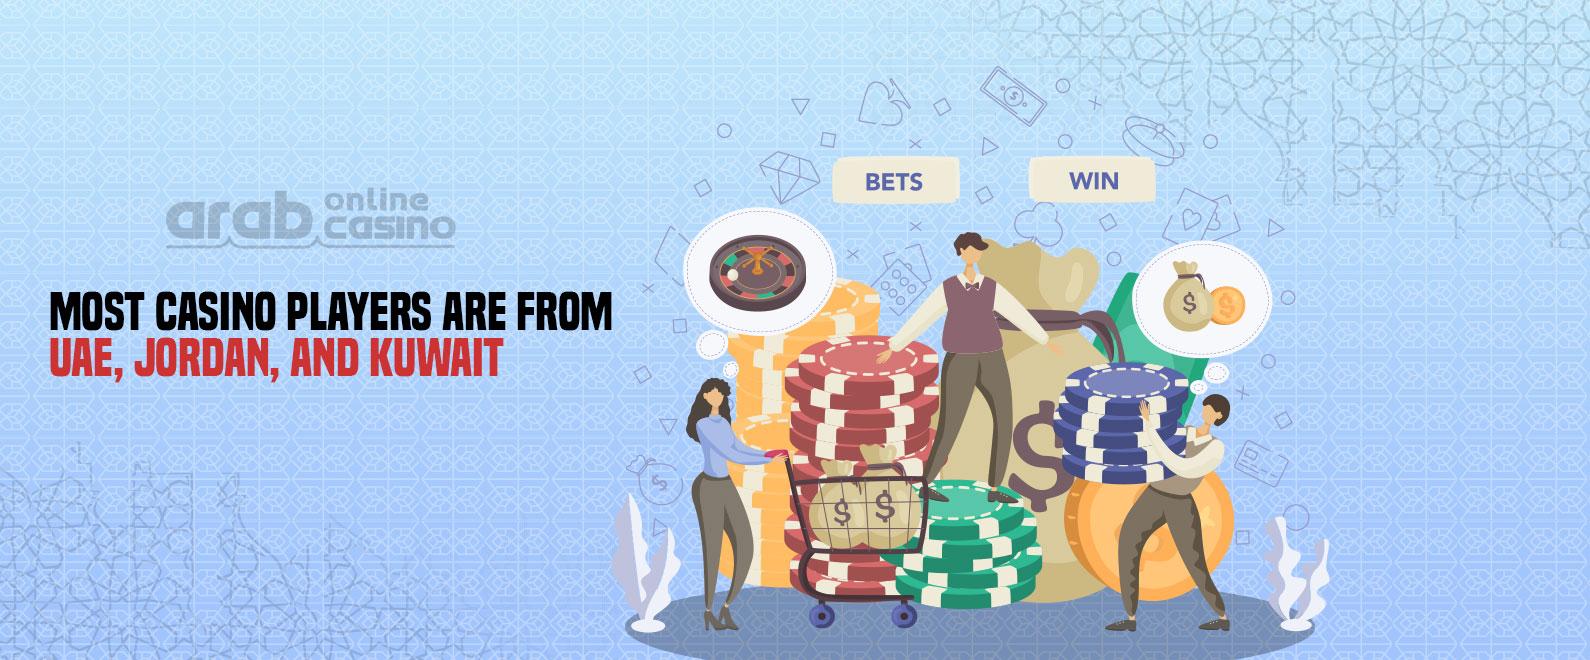 uae jordan kuwait casino online